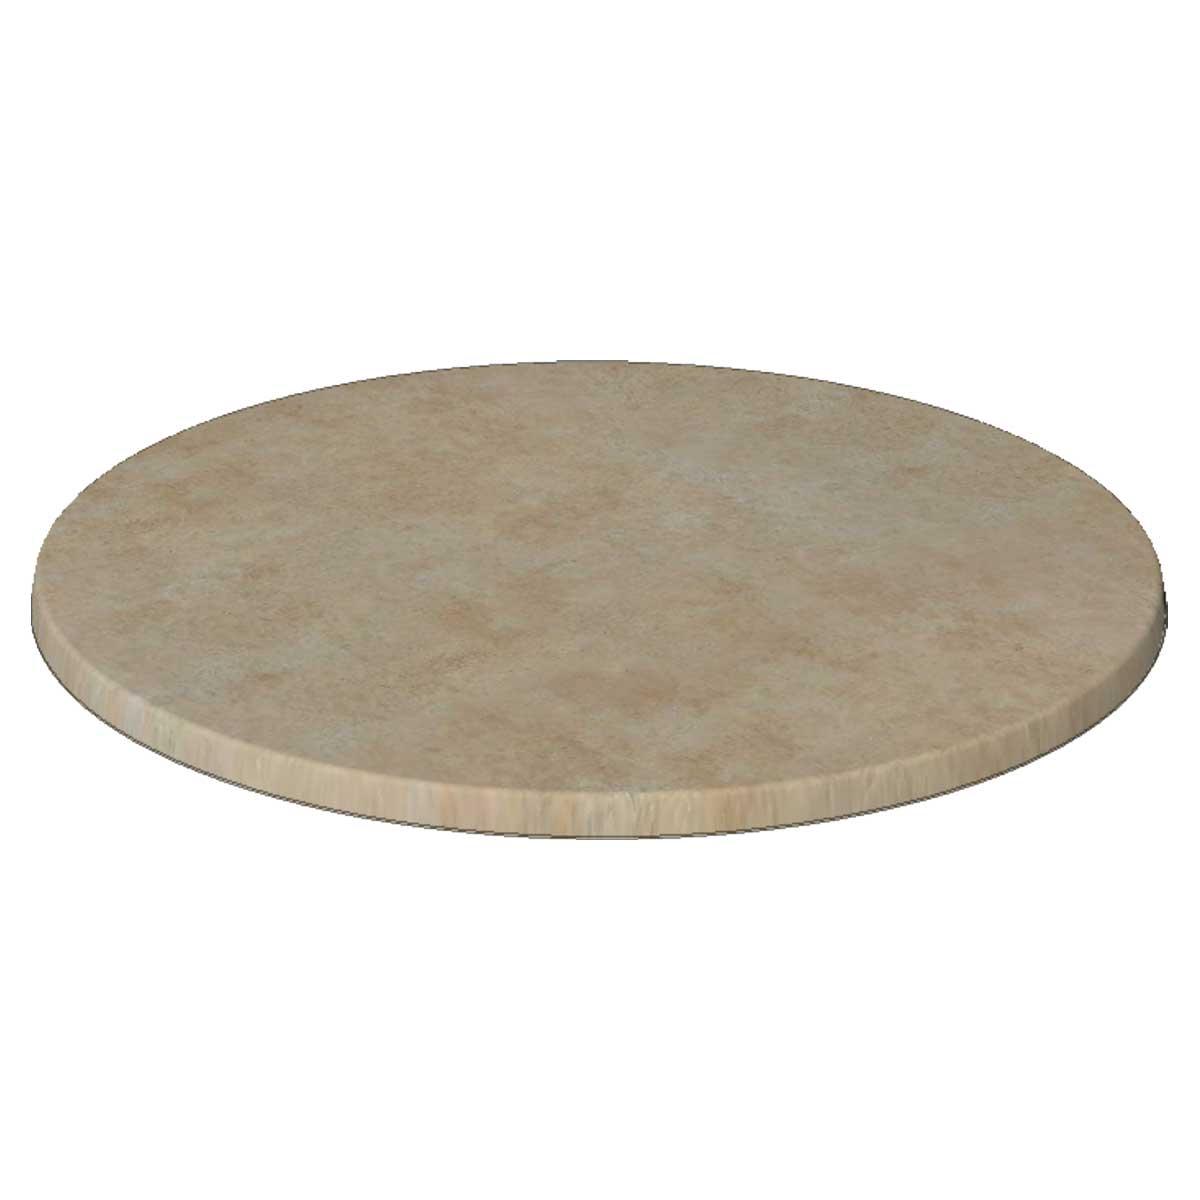 TICLA R70 306 - https://www.werzalit.com/fr/produit/plateau-de-table-classic-werzalit-r-oe60-306-catalan/